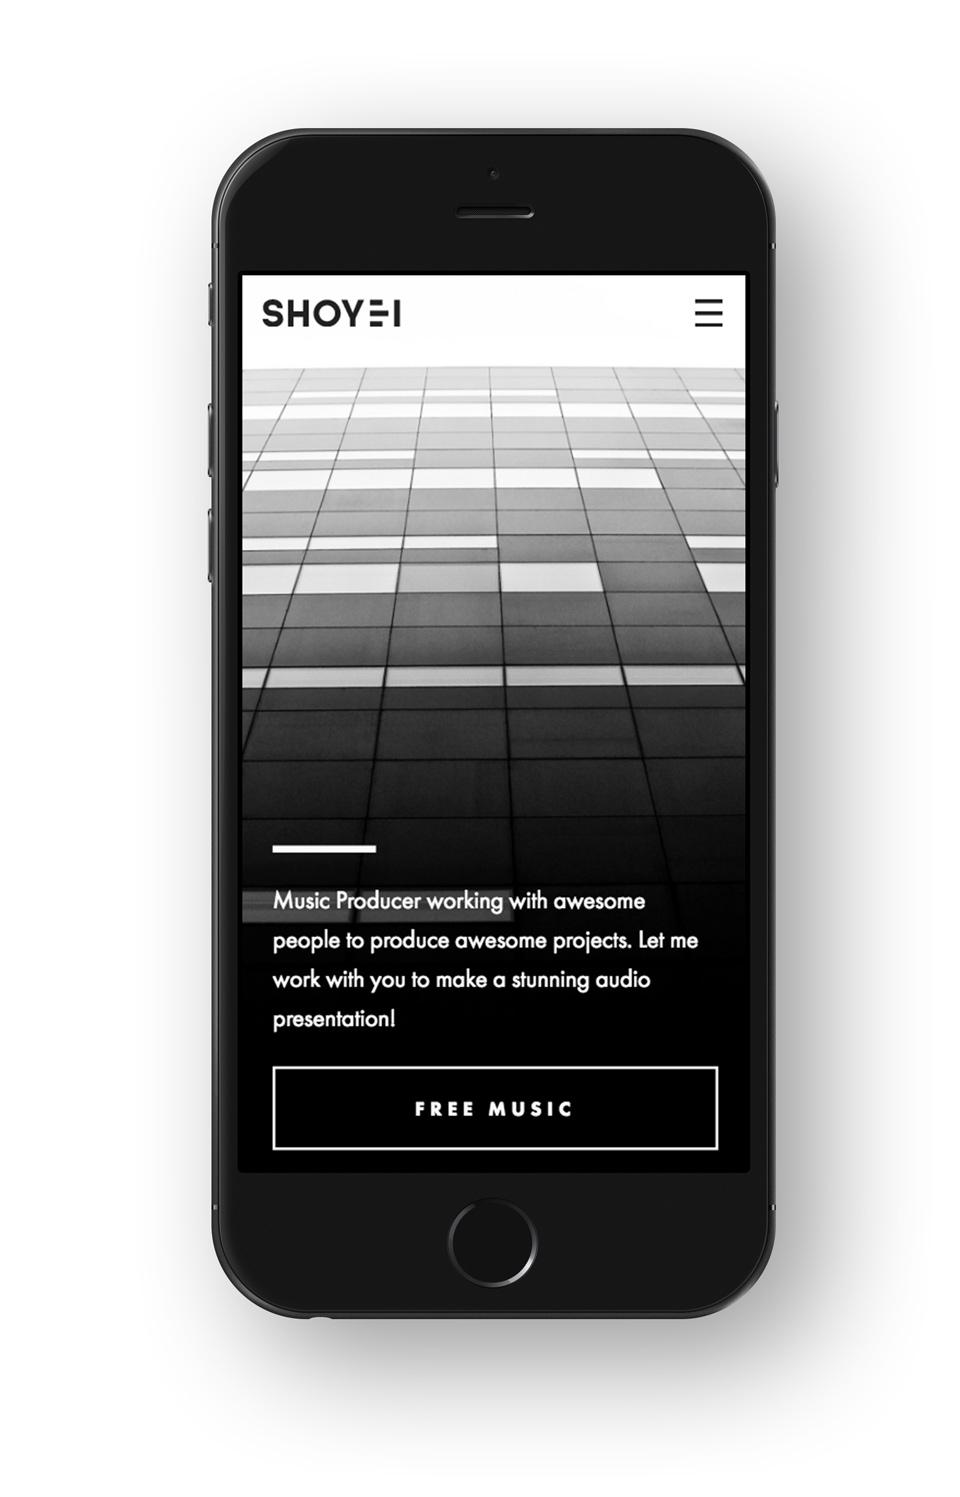 shoyei-mobile-homepage.jpg